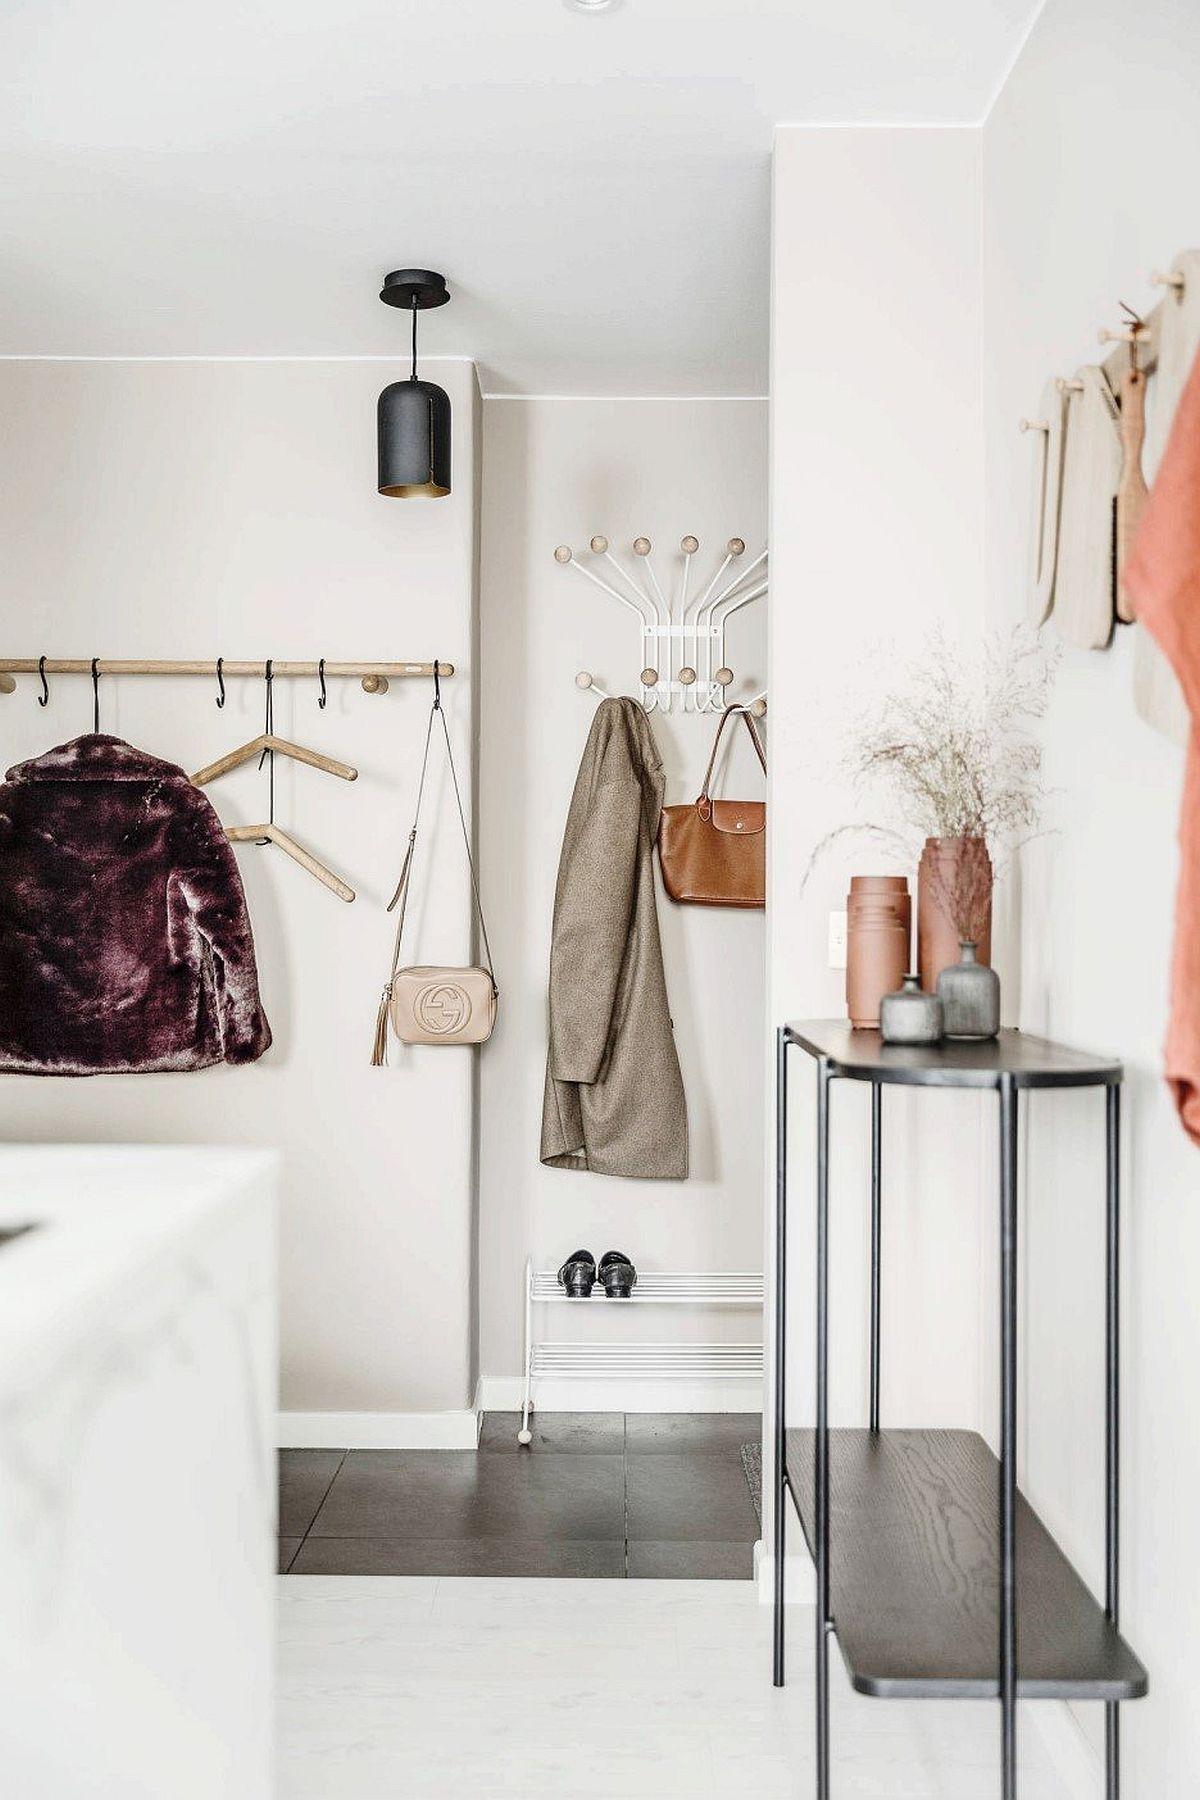 Zona de hol din casă este gândită deschis, cu o pardoseală din gresie, care să reziste la murdărire. În vecinătatea holului, imediat către spațiul deschis există un dulap cu oglinzi folosit pe post de depozitare pentru încălțăminte și haine.